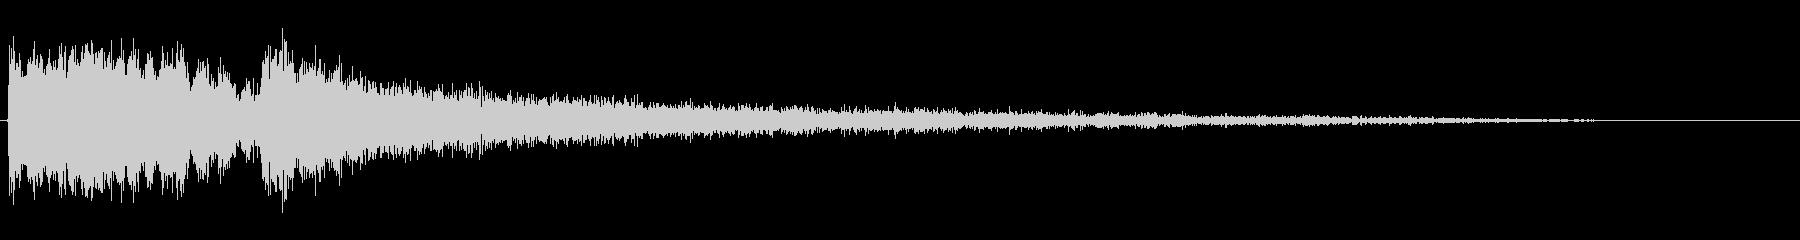 シャープスパッタリングスイープの未再生の波形